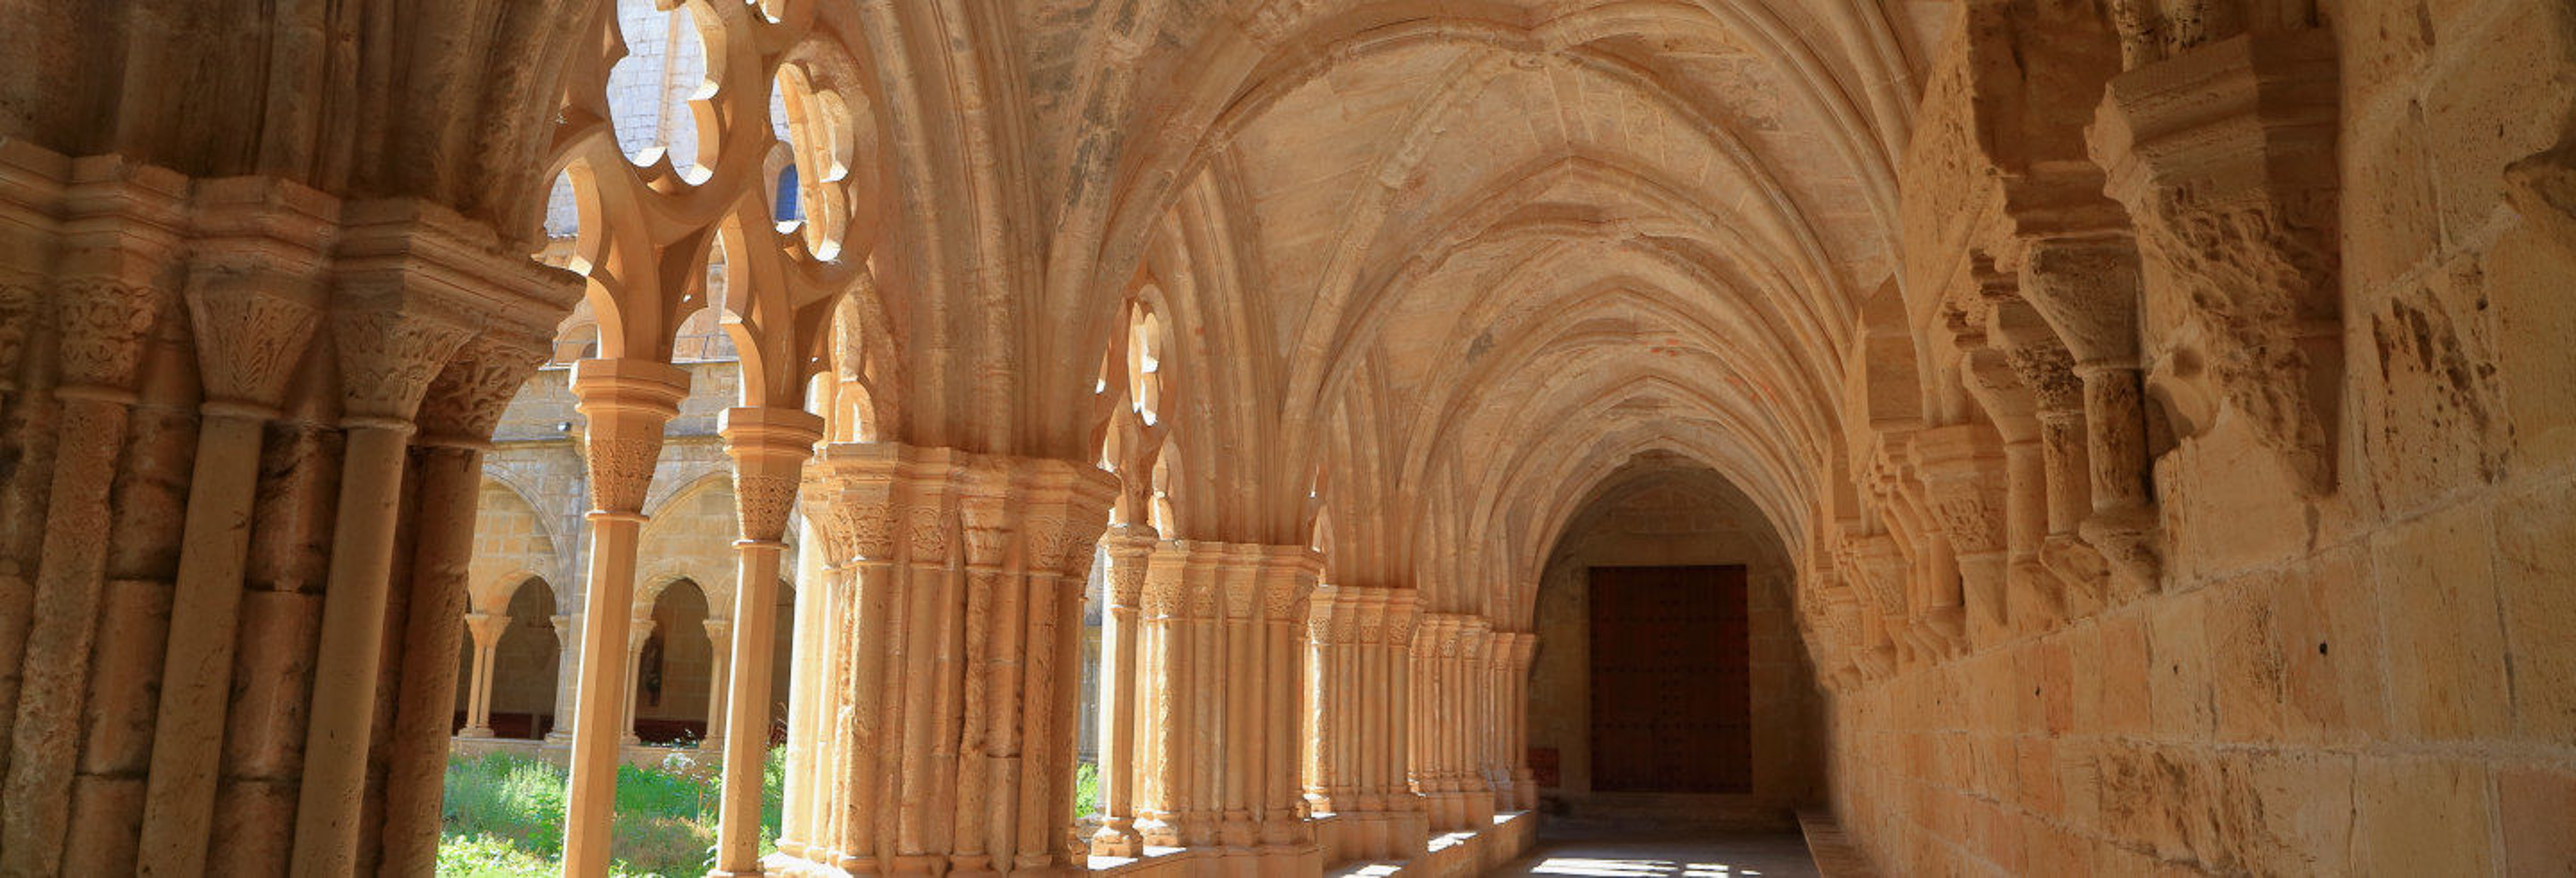 Excursion à Montblanc et Monastère de Poblet